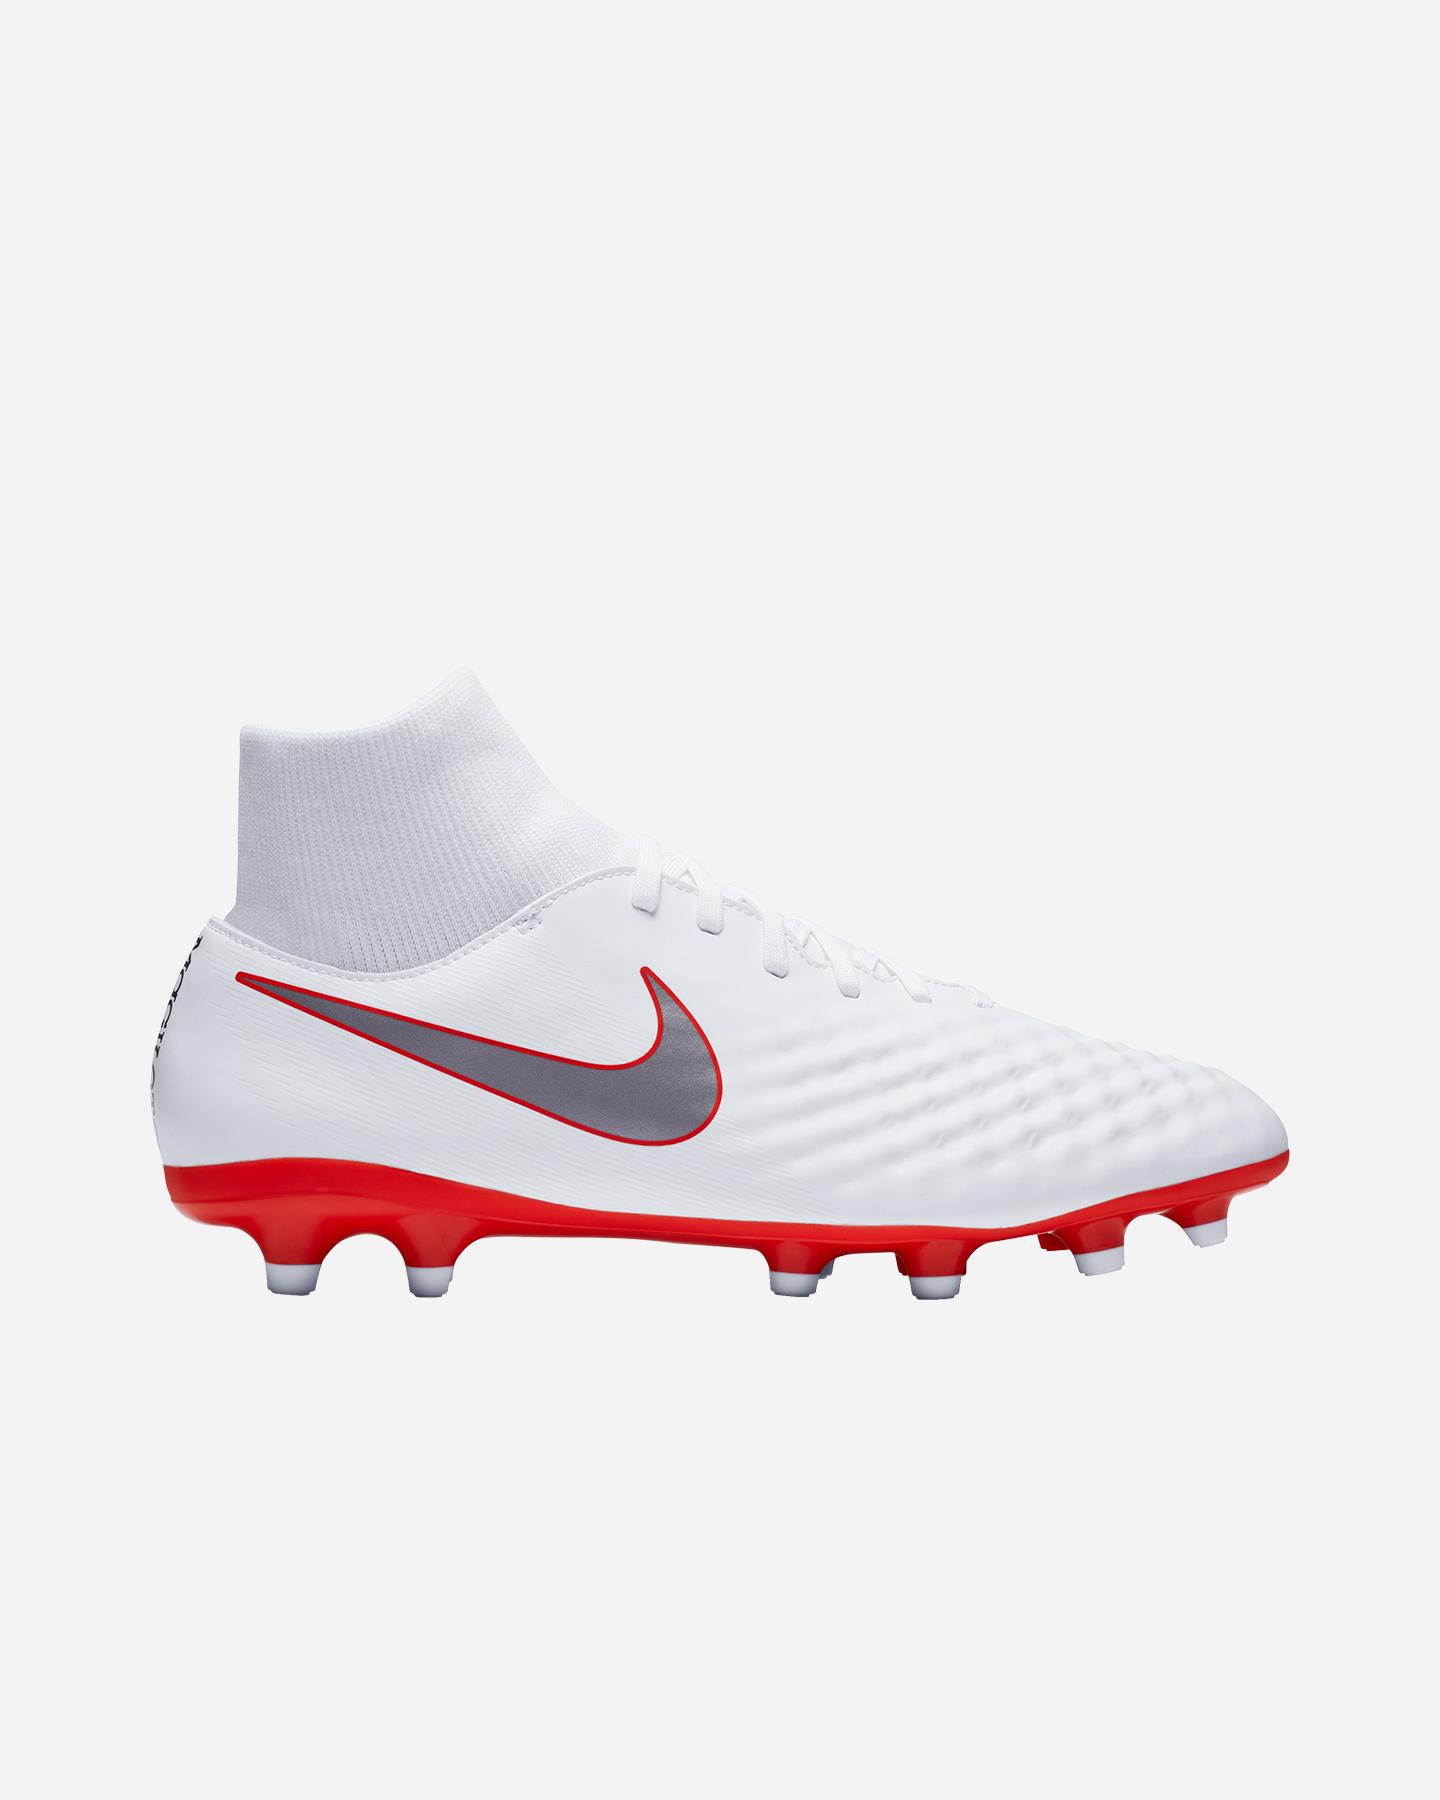 a018e4f66 Scarpe Calcio Nike Magista Obra 2 Academy Df Fg M AH7303-107 ...